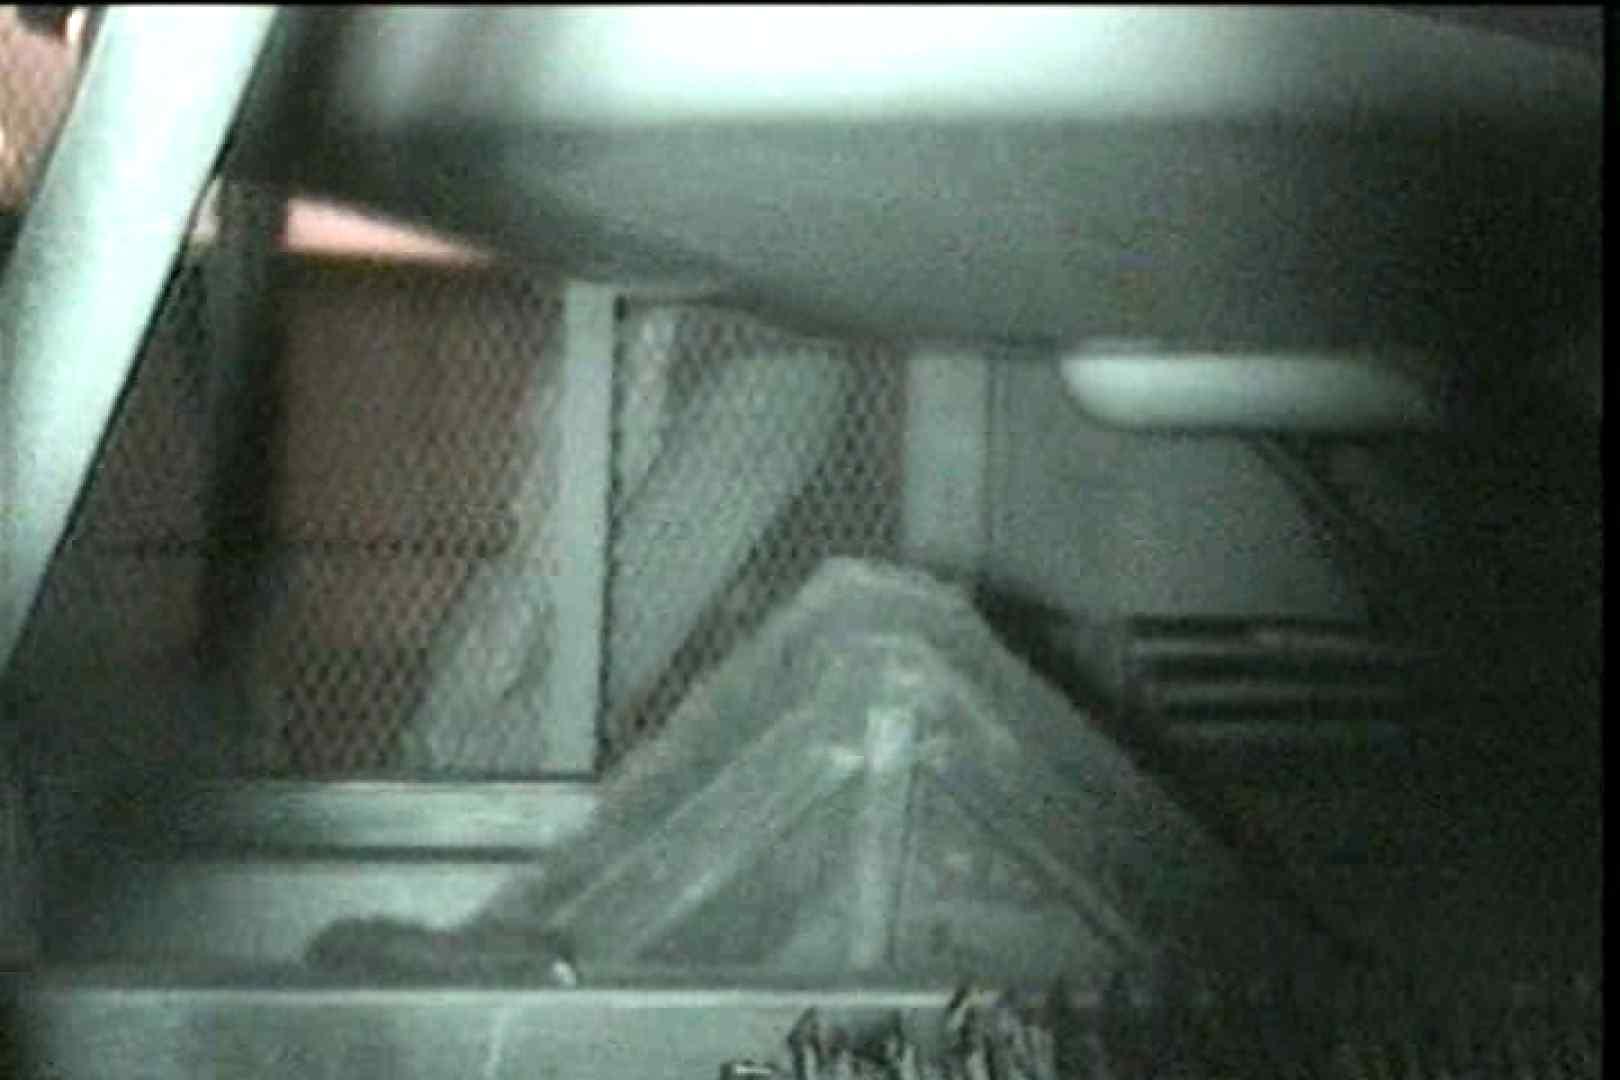 闇の仕掛け人 無修正版 Vol.19 OLの実態 盗撮アダルト動画キャプチャ 79pic 11